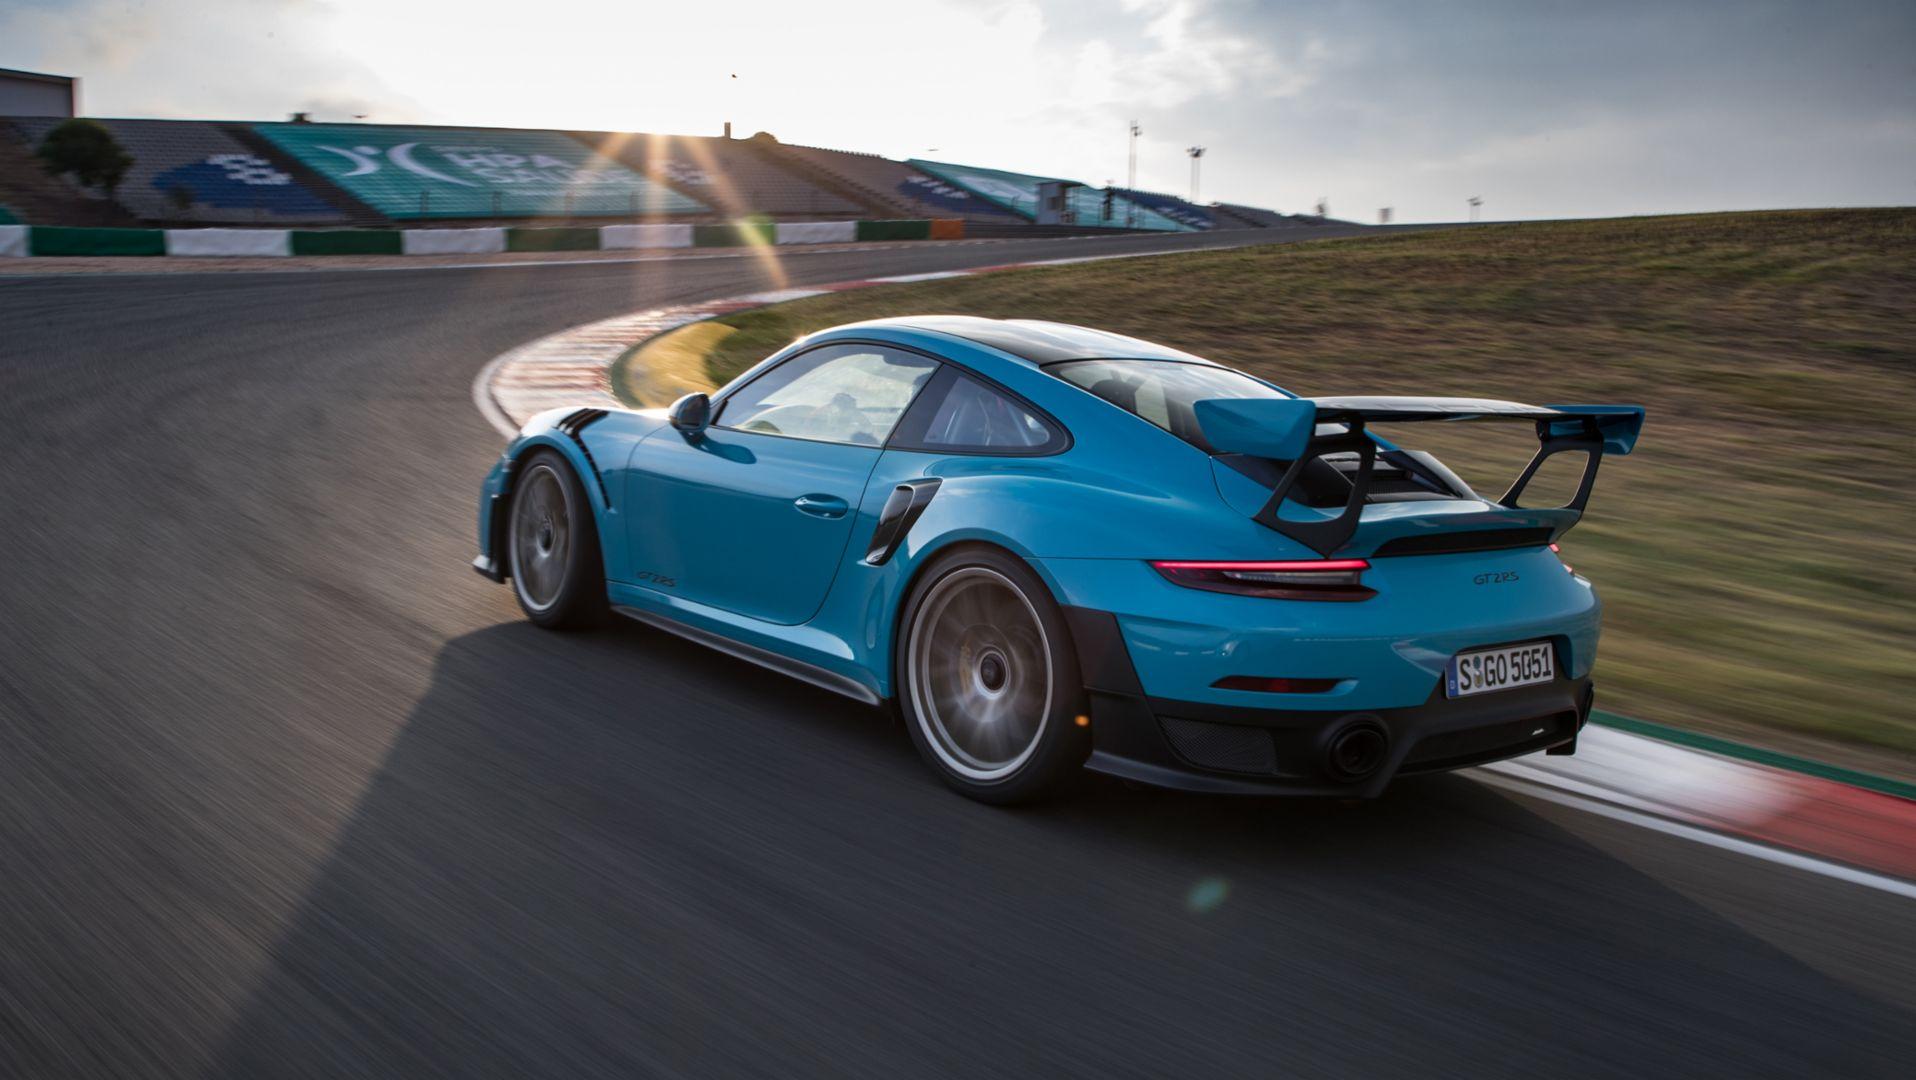 fdf19d81-6708-4066-9d0b-6536ad402728 Exciting Porsche 911 Gt2 La Centrale Cars Trend